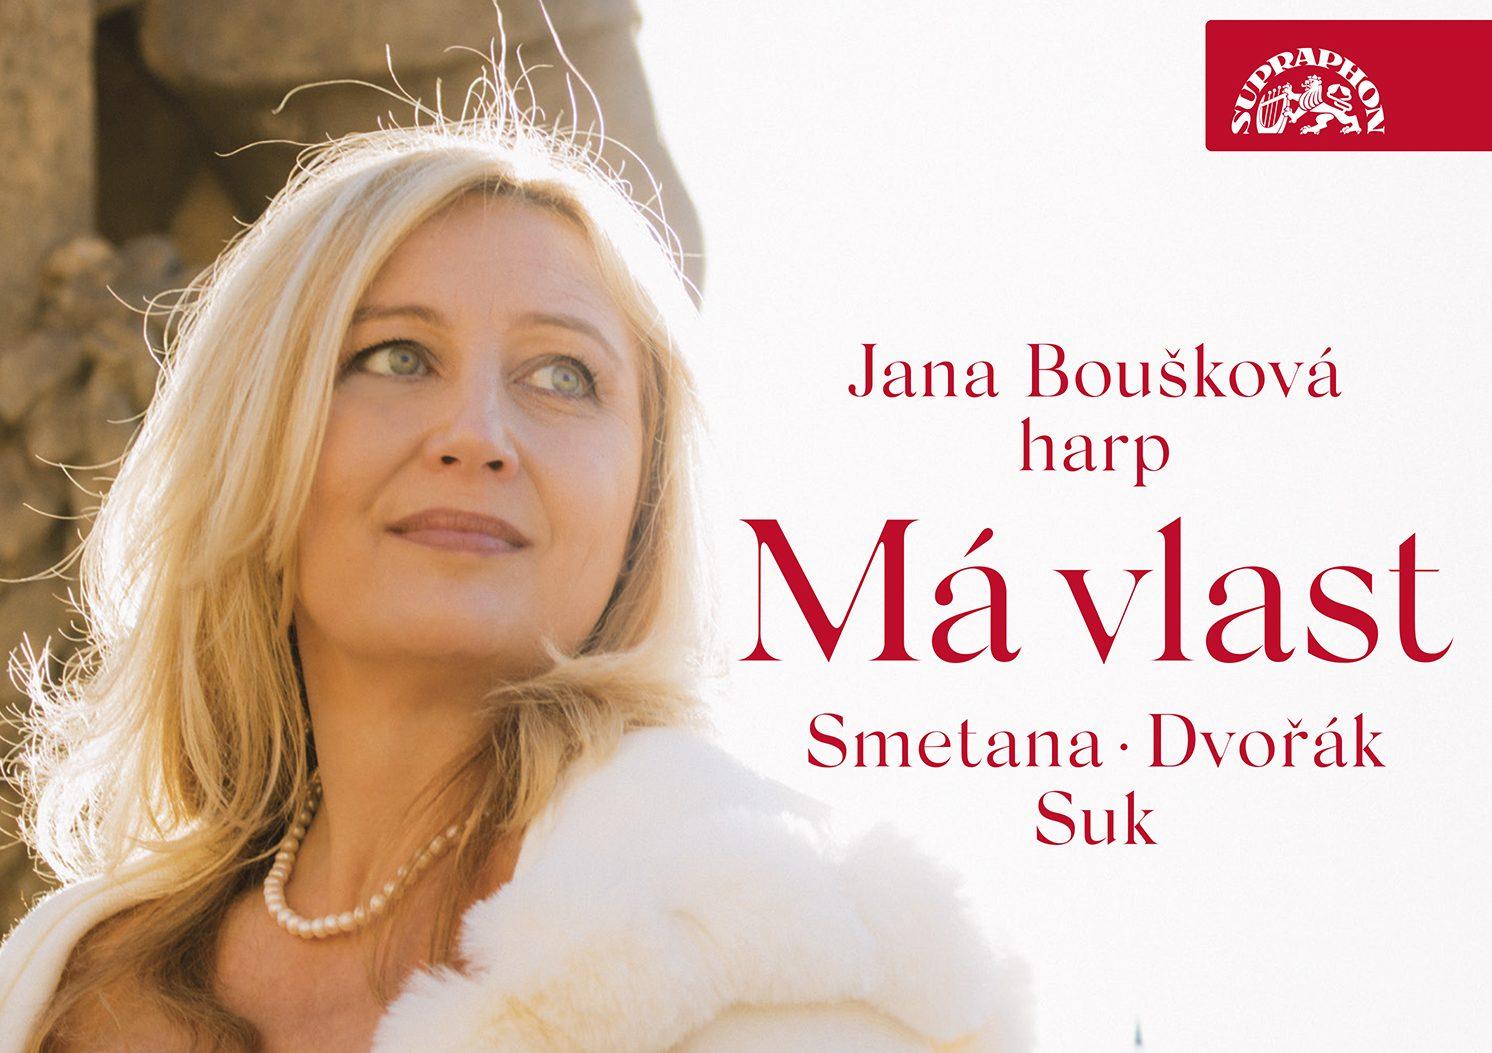 Špičková harfistka Jana Boušková přepisuje slavné české skladby pro harfu a chystá raritní CD